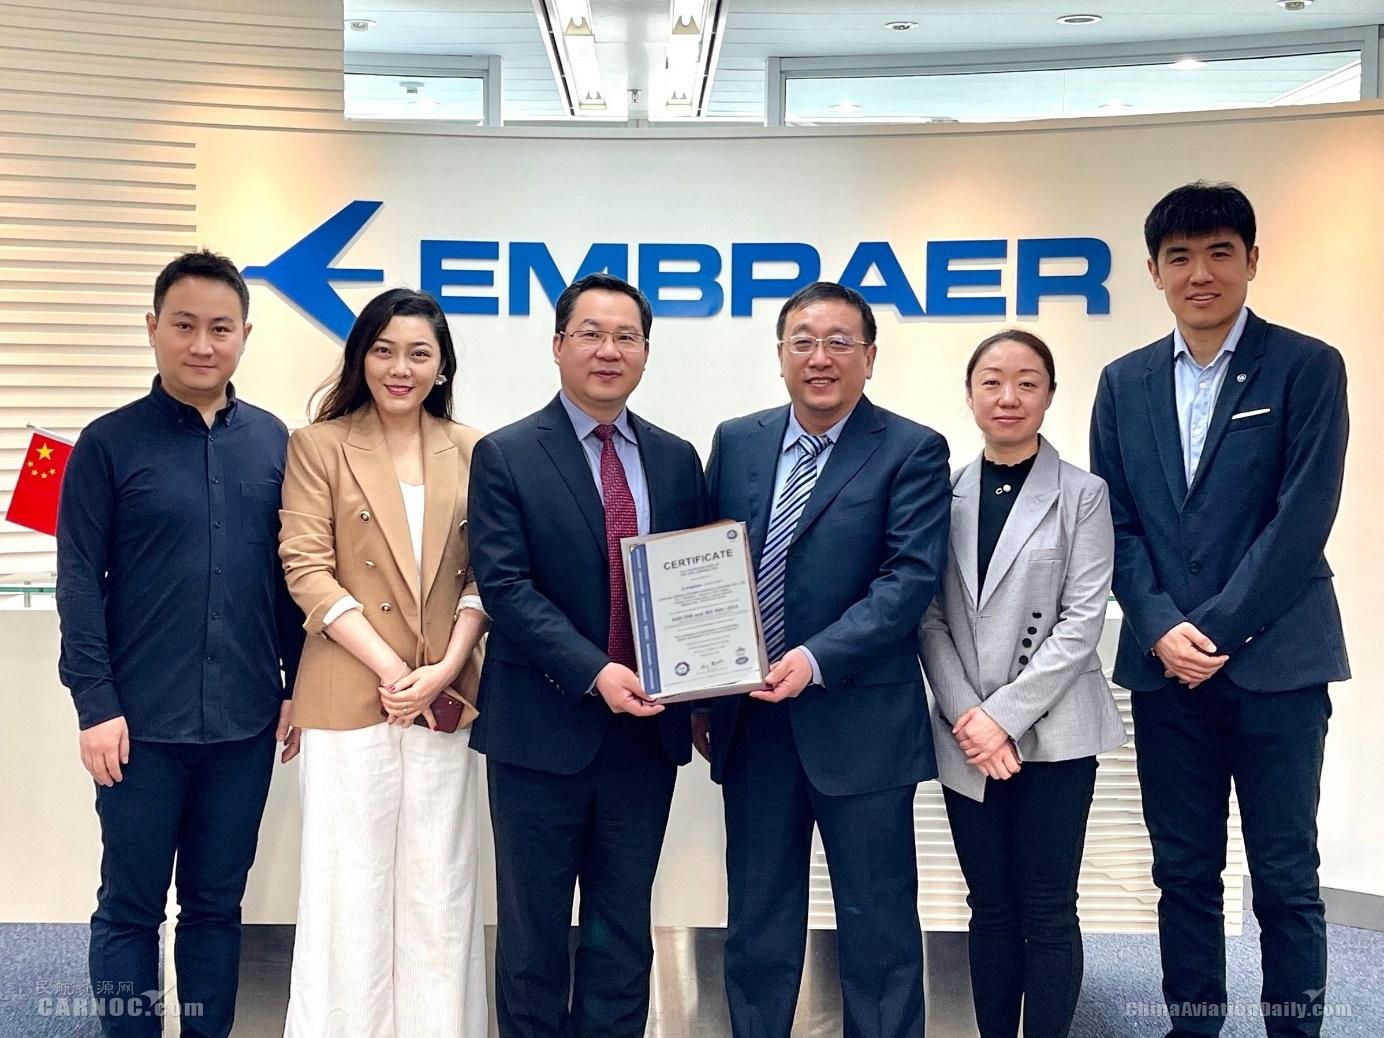 巴航中国获颁TüV南德AS 9120认证证书